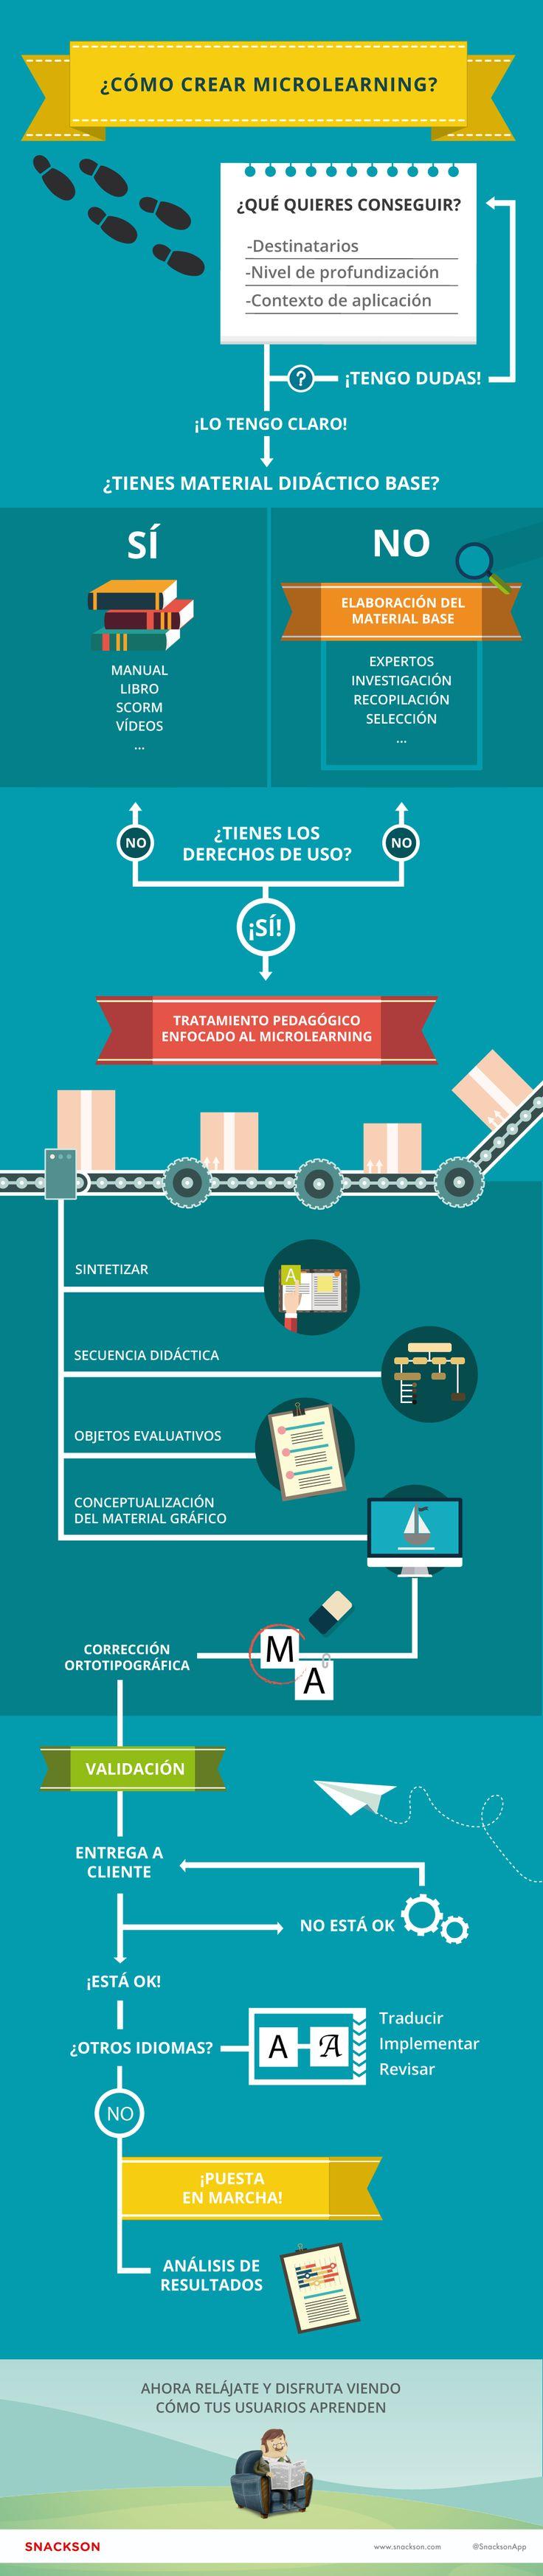 Proceso de creación de microlearning - Infografía - Snackson